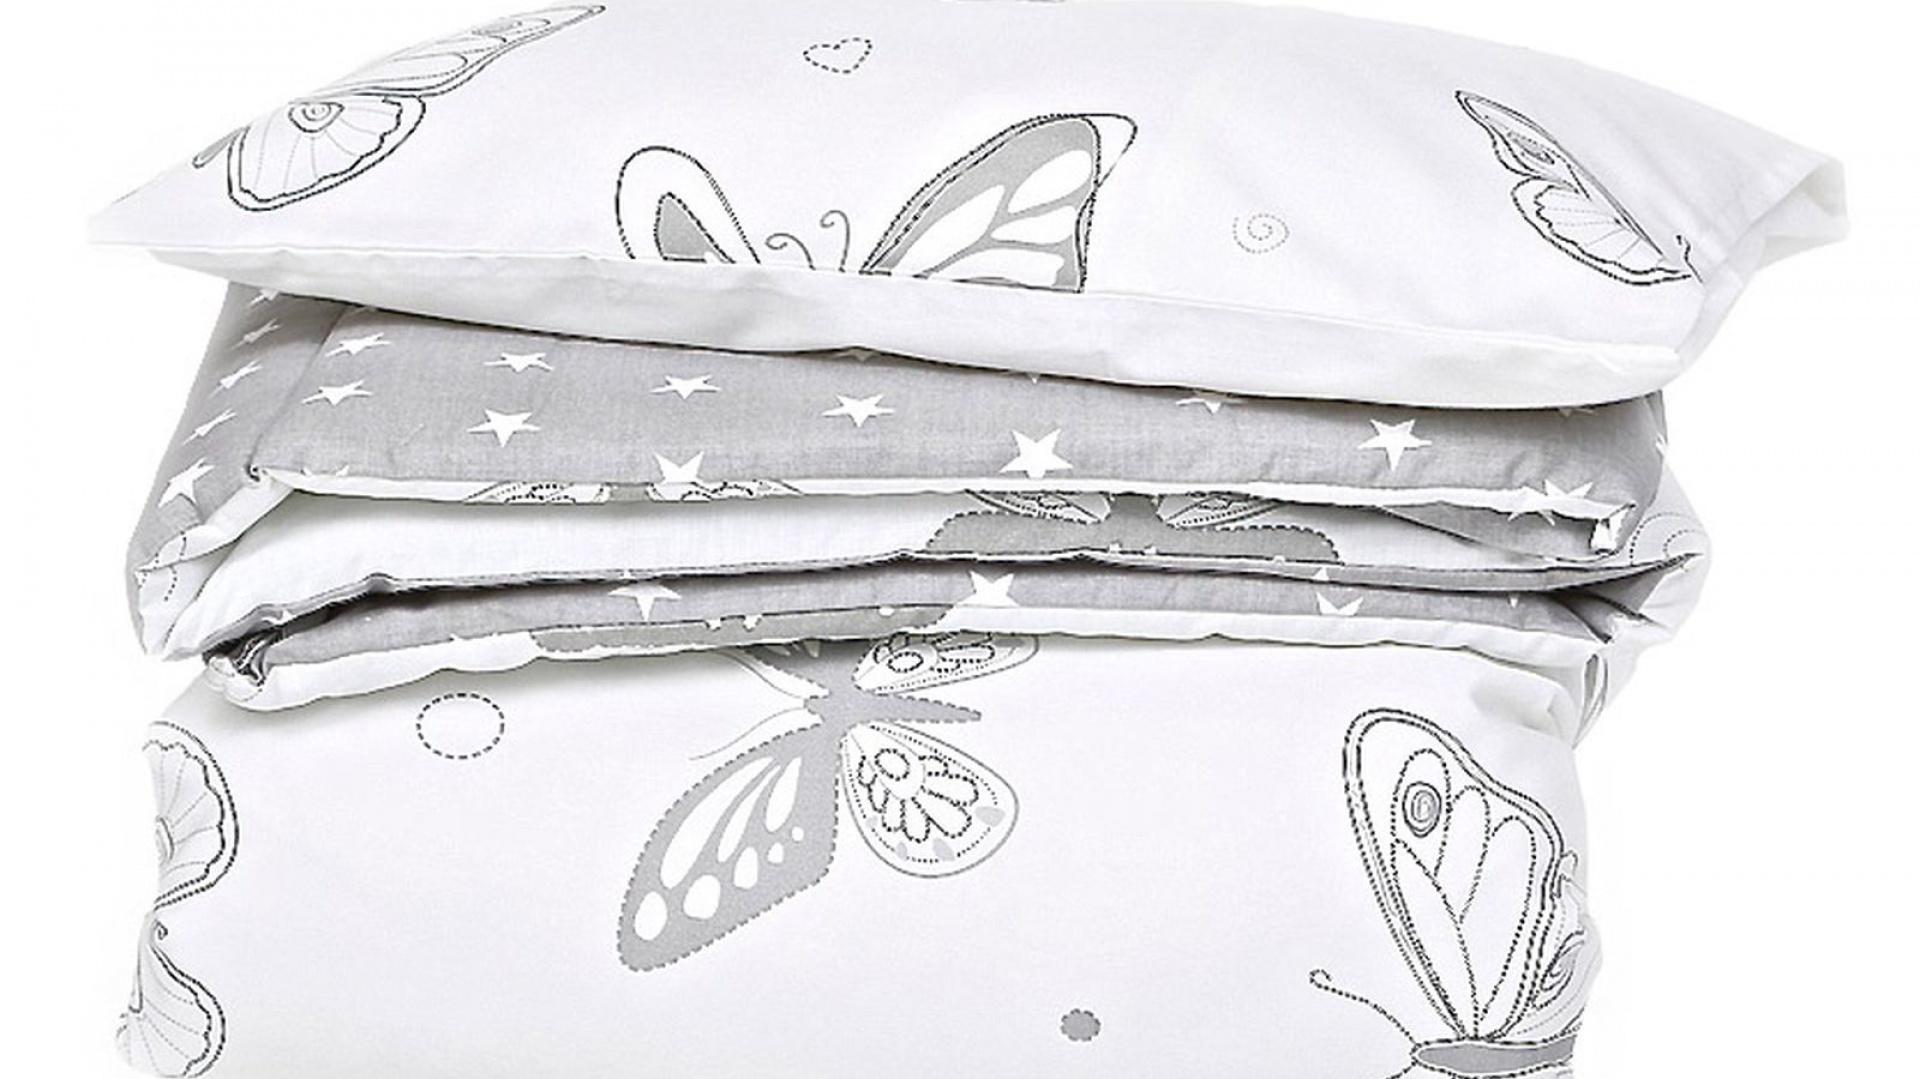 Łóżeczko wyścielono miękką pościelą w motyle marki Effii, w subtelnej szaro-białej kolorystyce. Fot. Pinio.